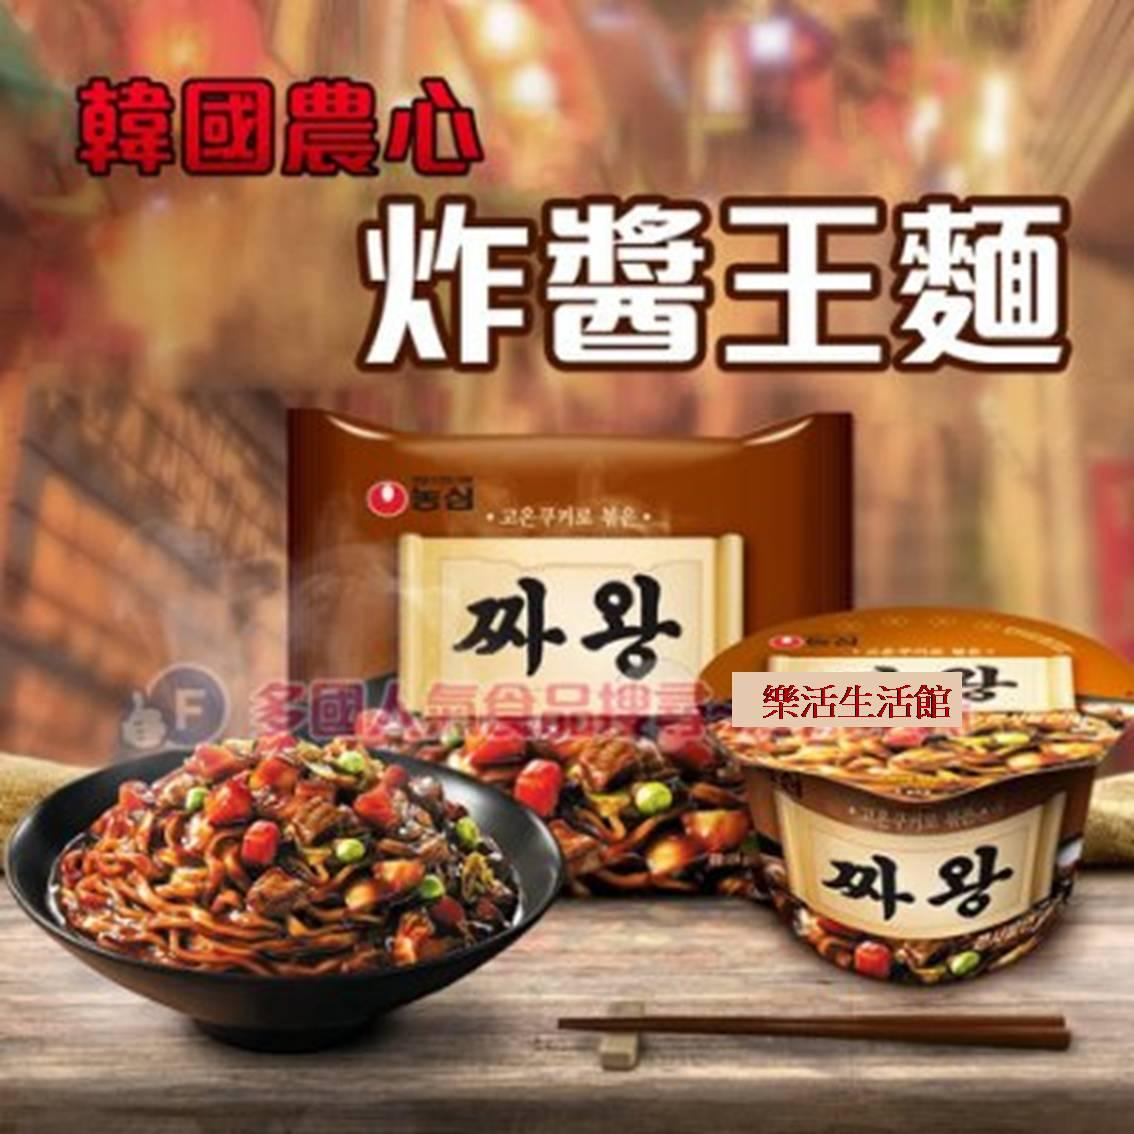 韓國農心炸醬王麵 泡麵拉   【樂活生活館】